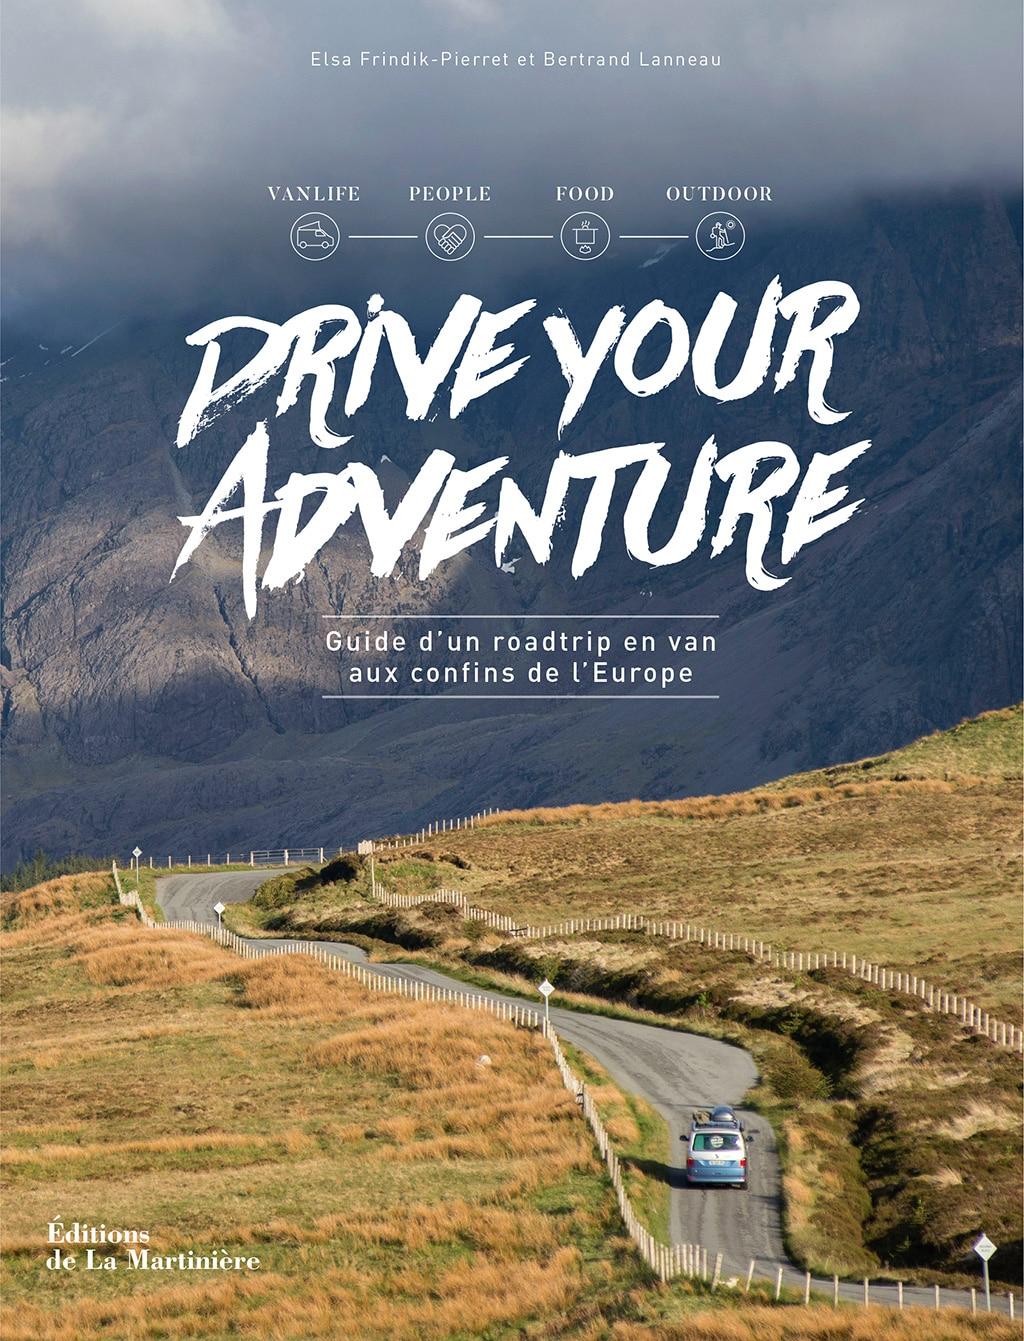 Drive your adventure : guide d'un road trip en van aux confins de l'Europe